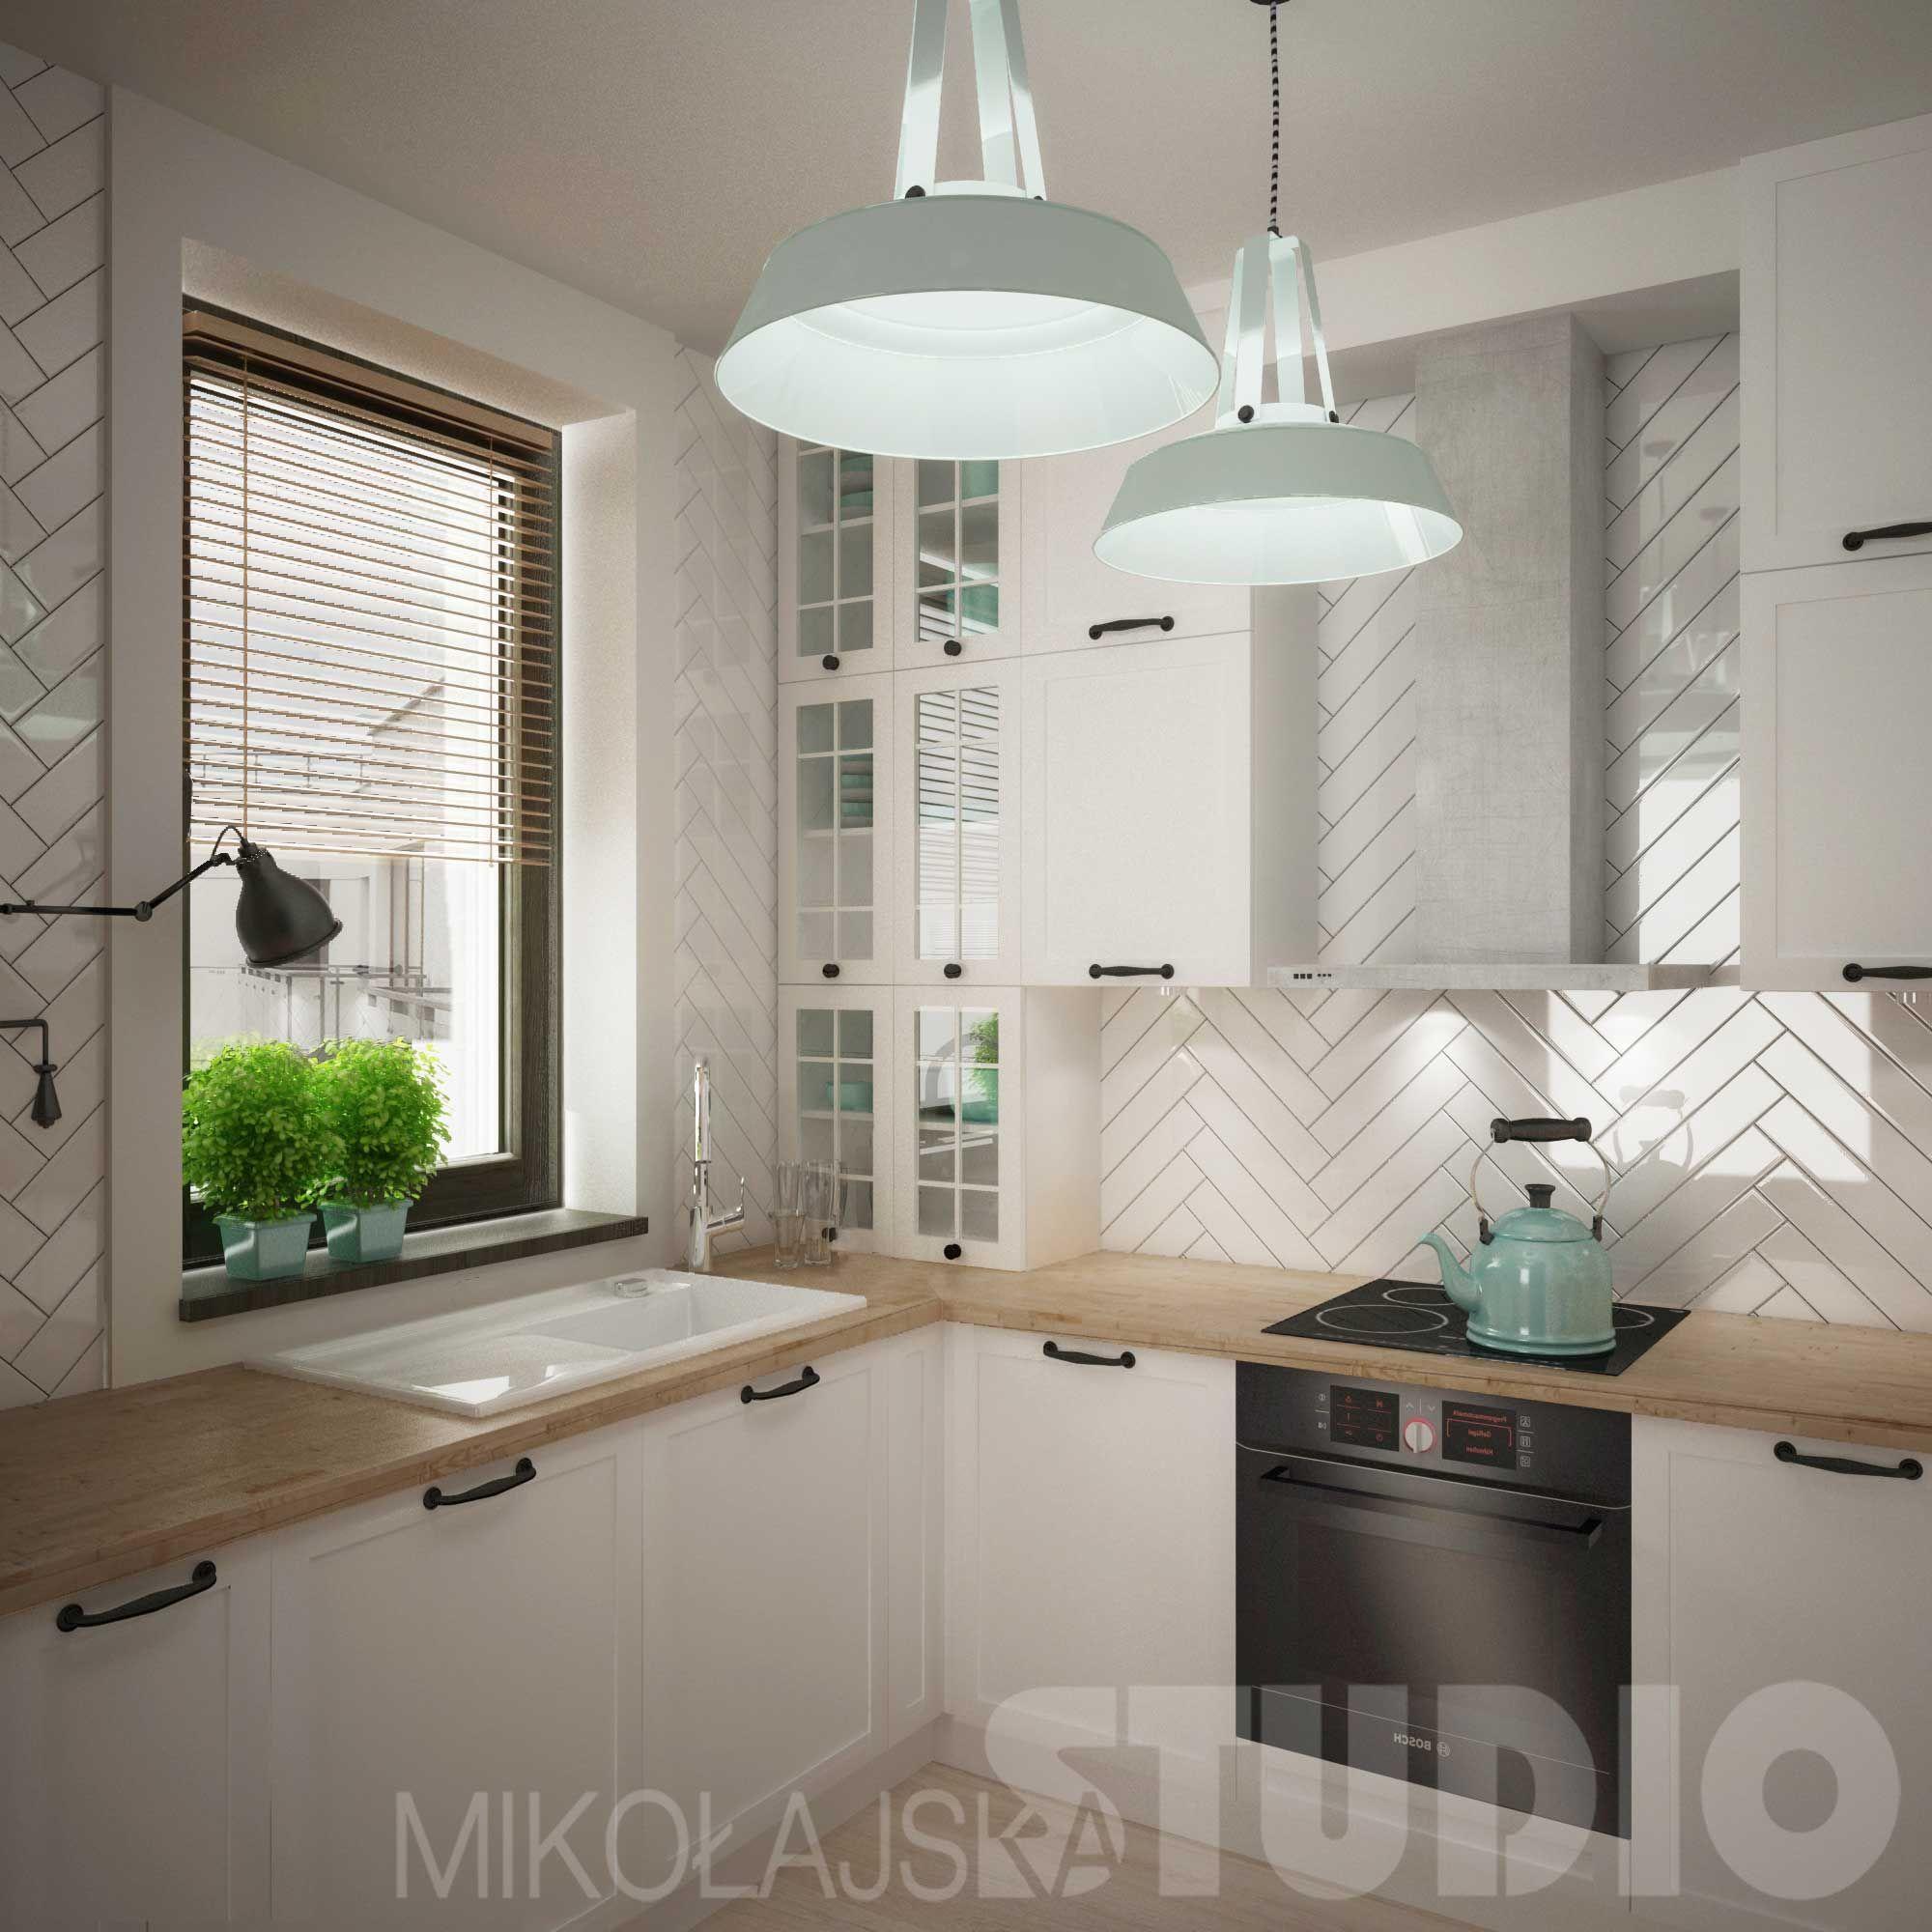 Chevron Na Scianie Nad Blatem Ozywia Biala Kuchnie Proj Mikolajska Studio Kitchen Remodel Modern Kitchen Design Kitchen Interior